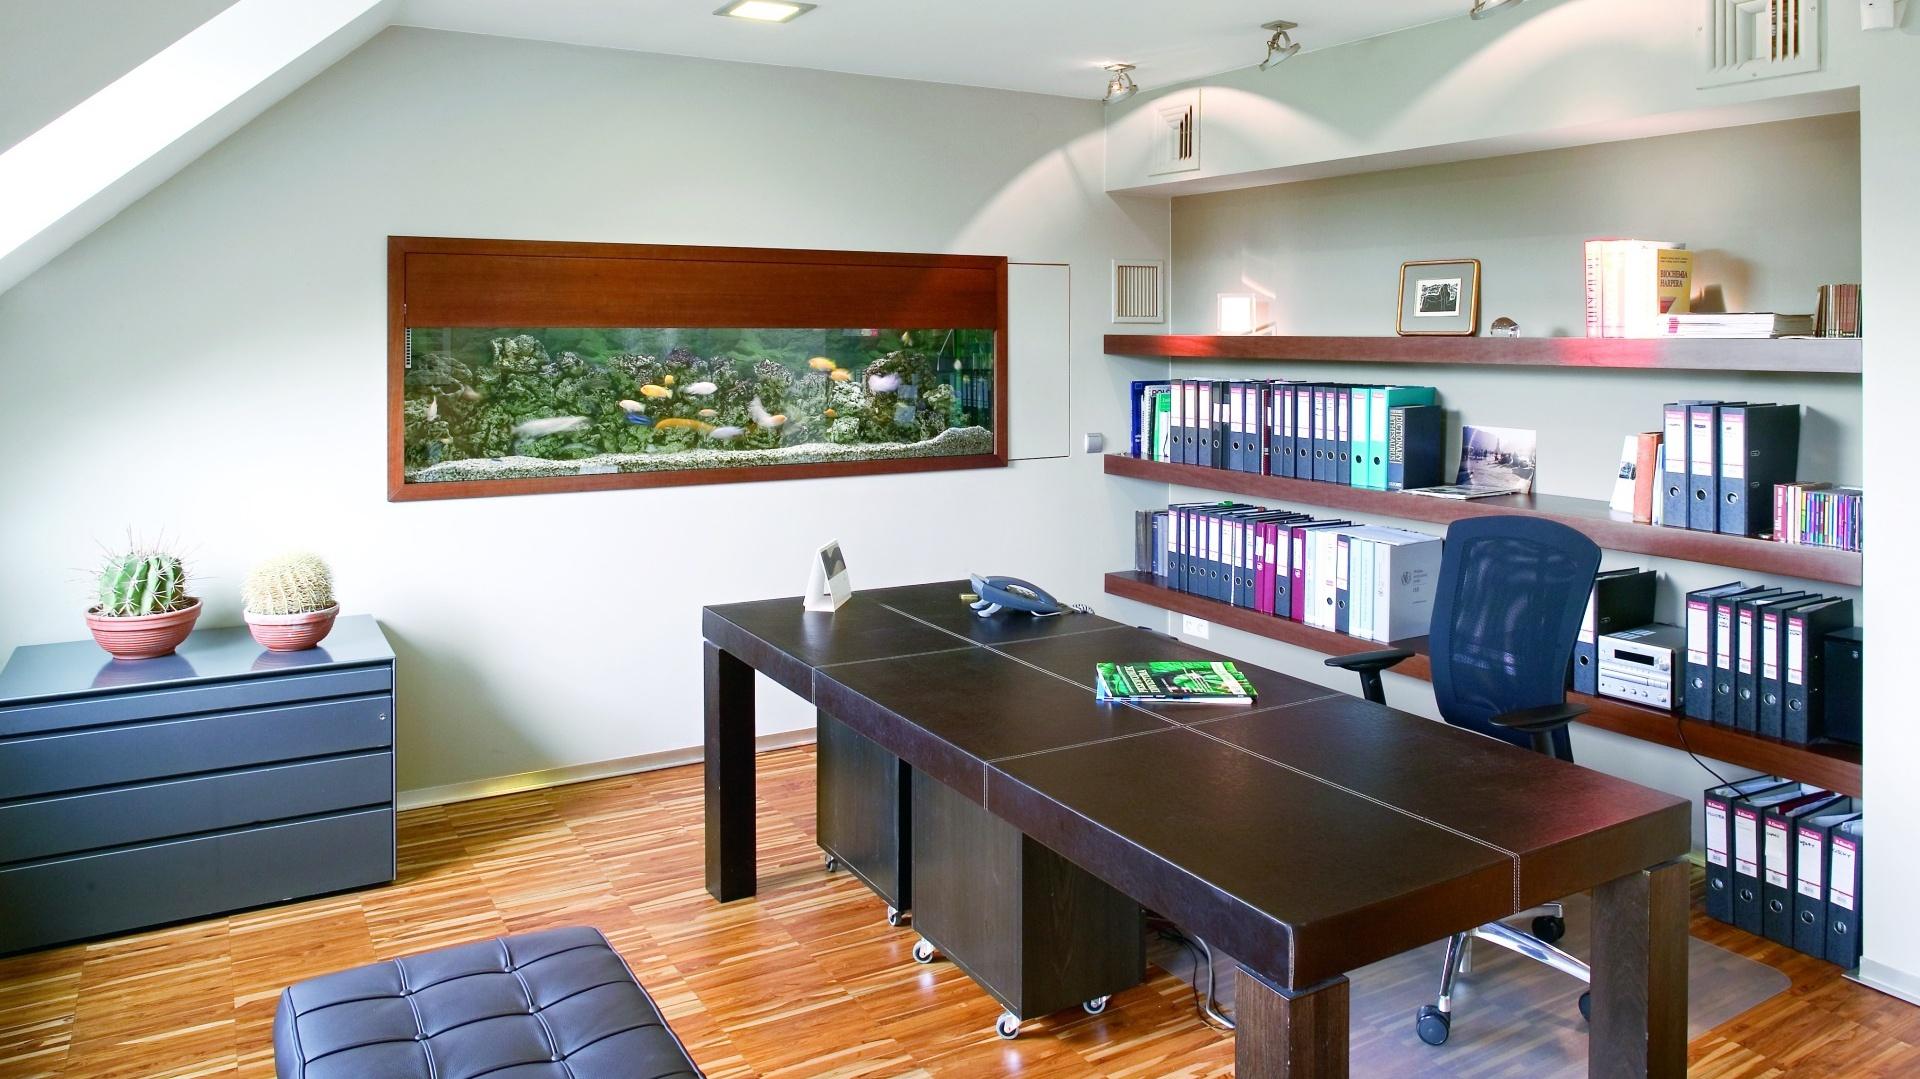 Akwarium i stół kolonialny wykonany z bambusa toniekonwencjonalne elementy, które wpisano we wnętrze. Fot. Bartosz Jarosz